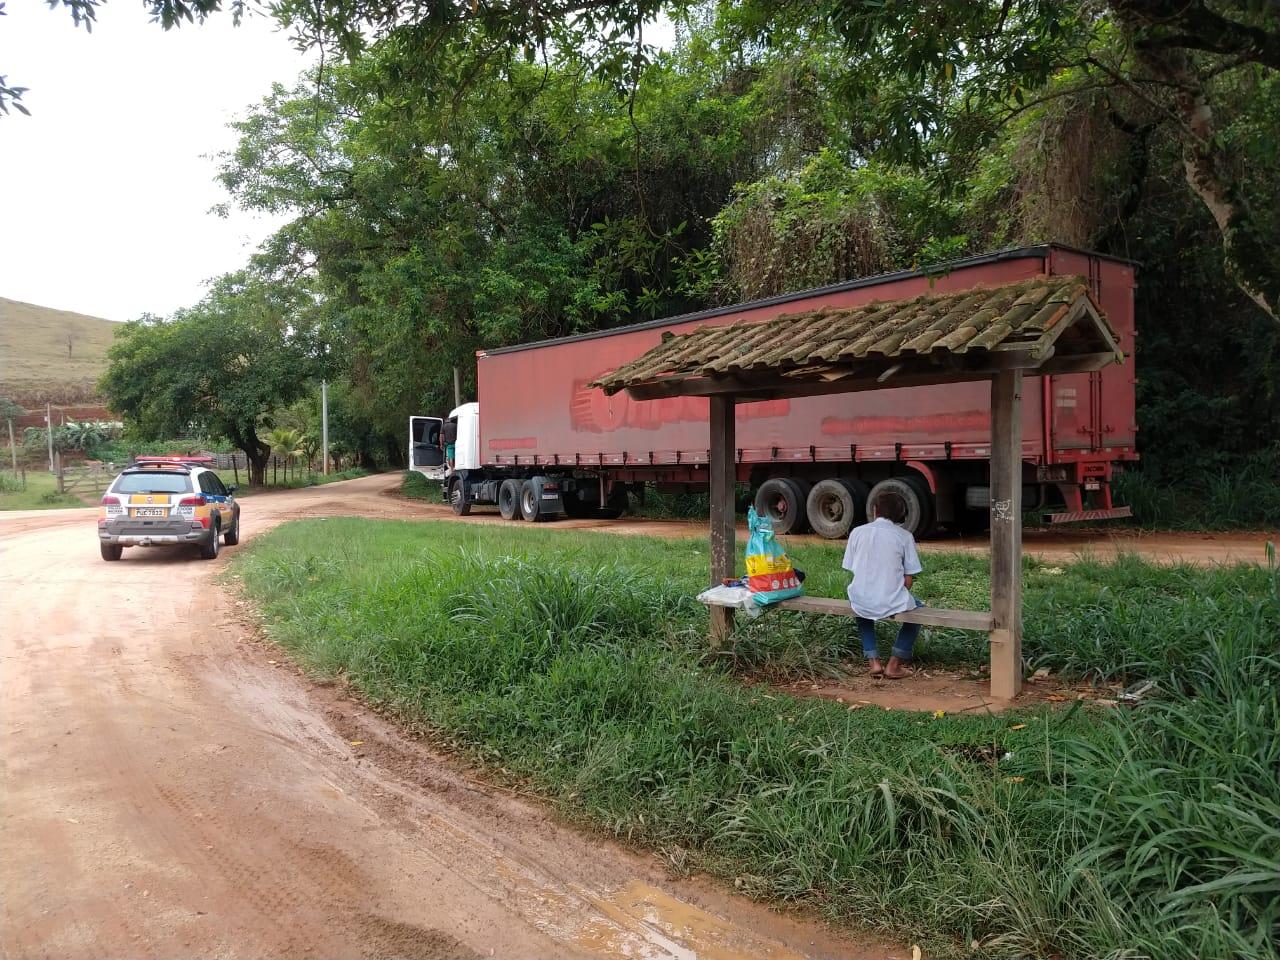 CAMINHONEIRO2